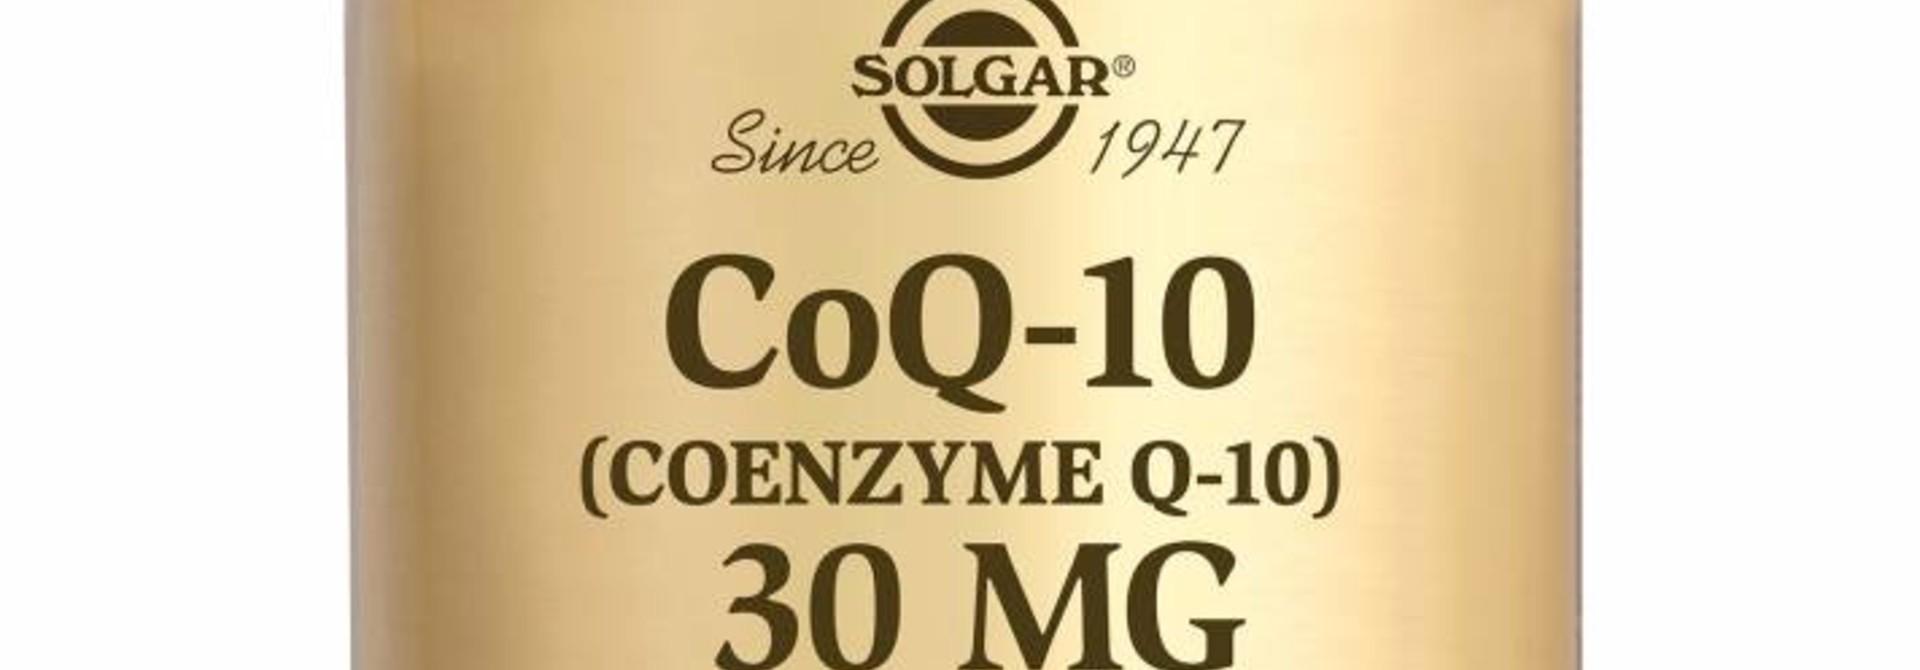 Co-Enzyme Q-10 30 mg 90 plantaardige capsules